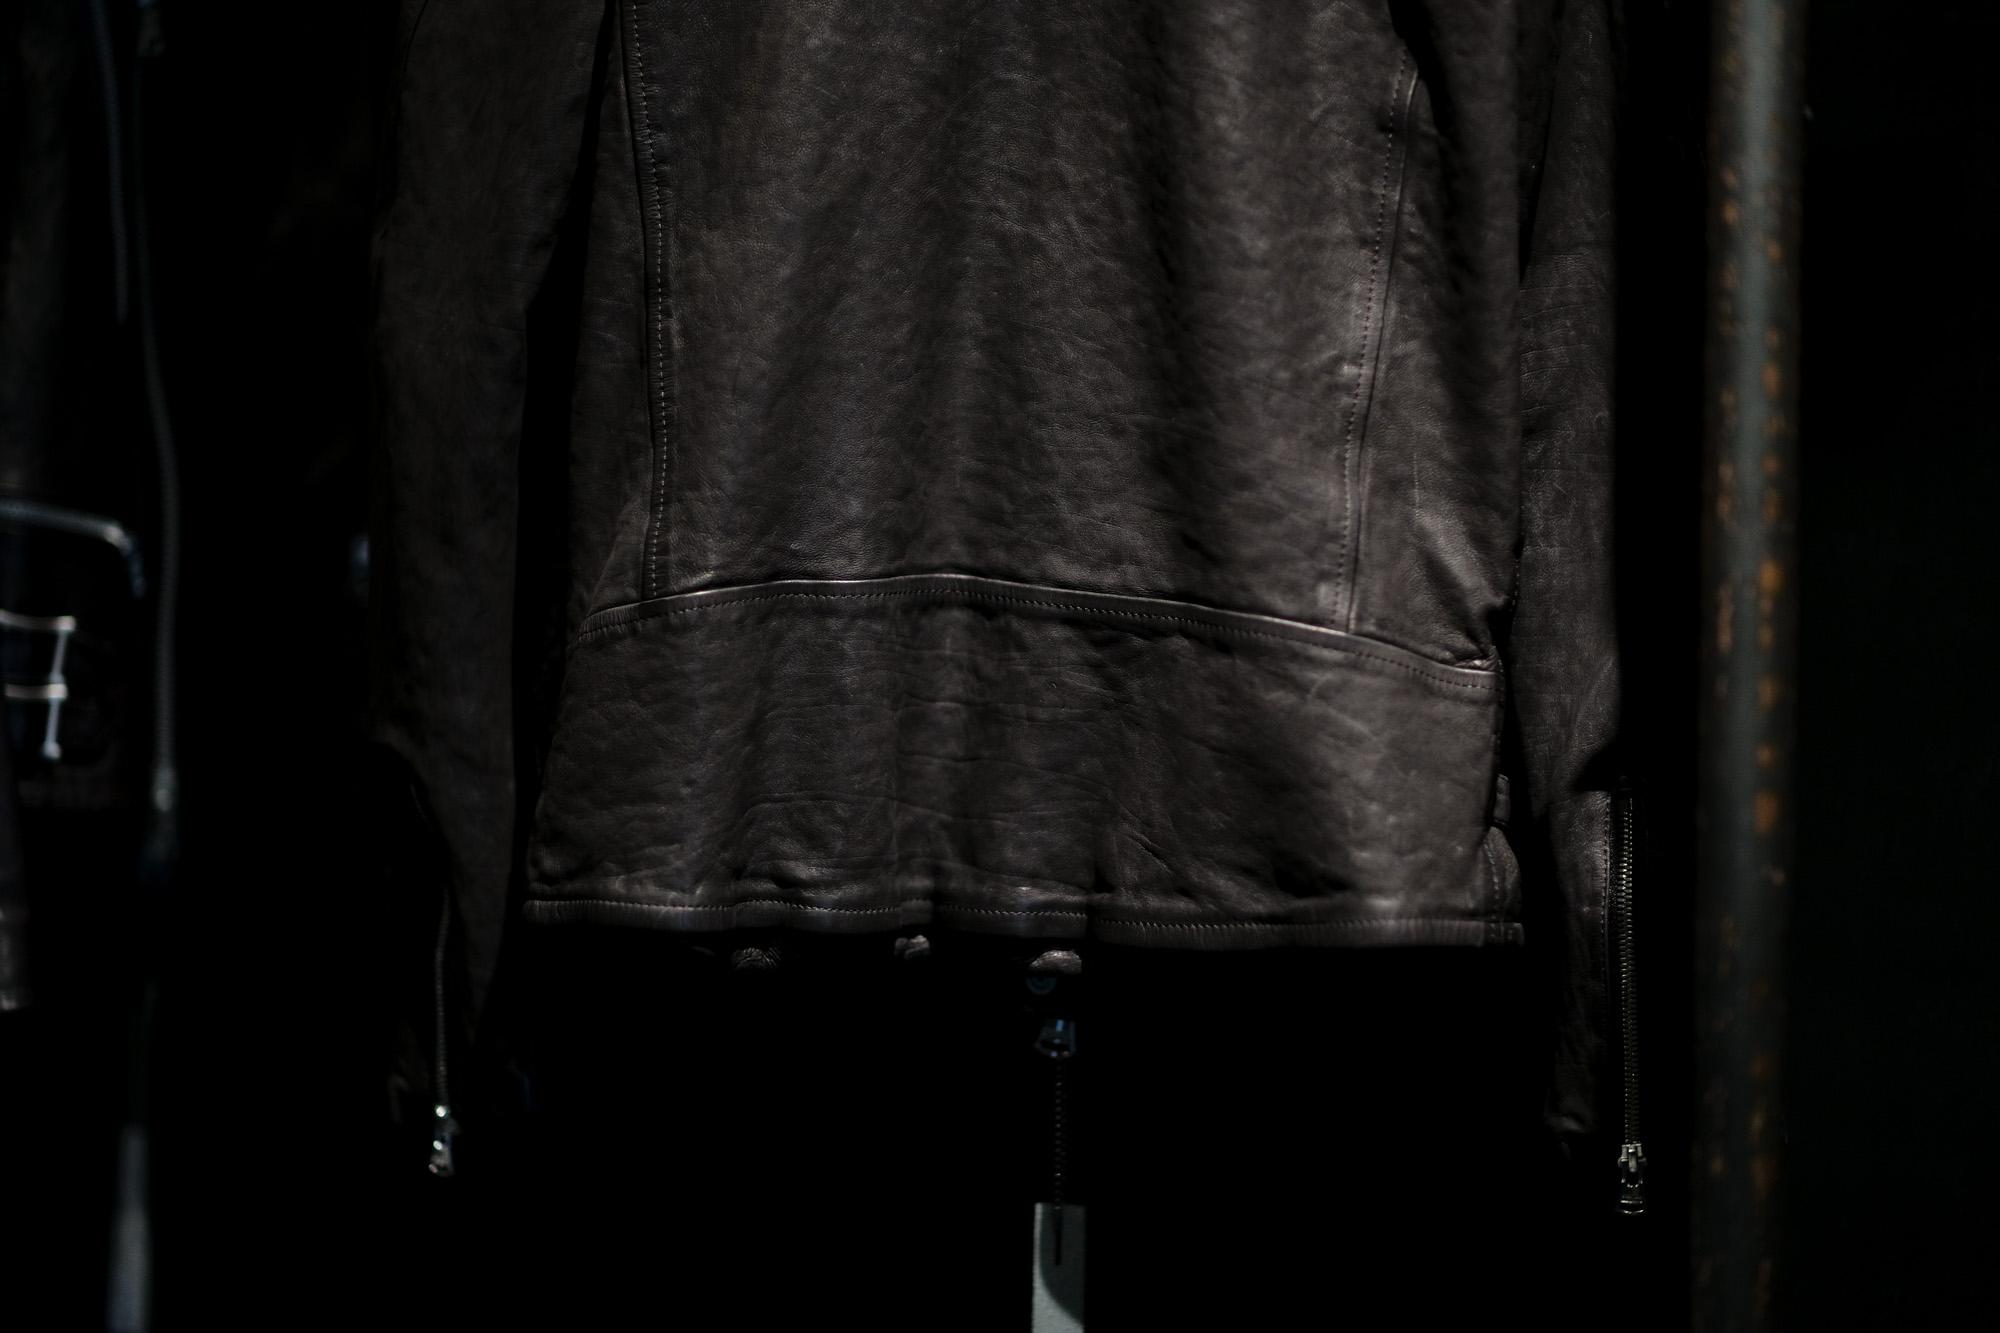 BACKLASH バックラッシュ 2021春夏 展示会 愛知 名古屋 altoediritto アルトエデリット レザージャケット シングルライダース ダブルライダース isamukatayama 片山勇 THE LINE ザライン